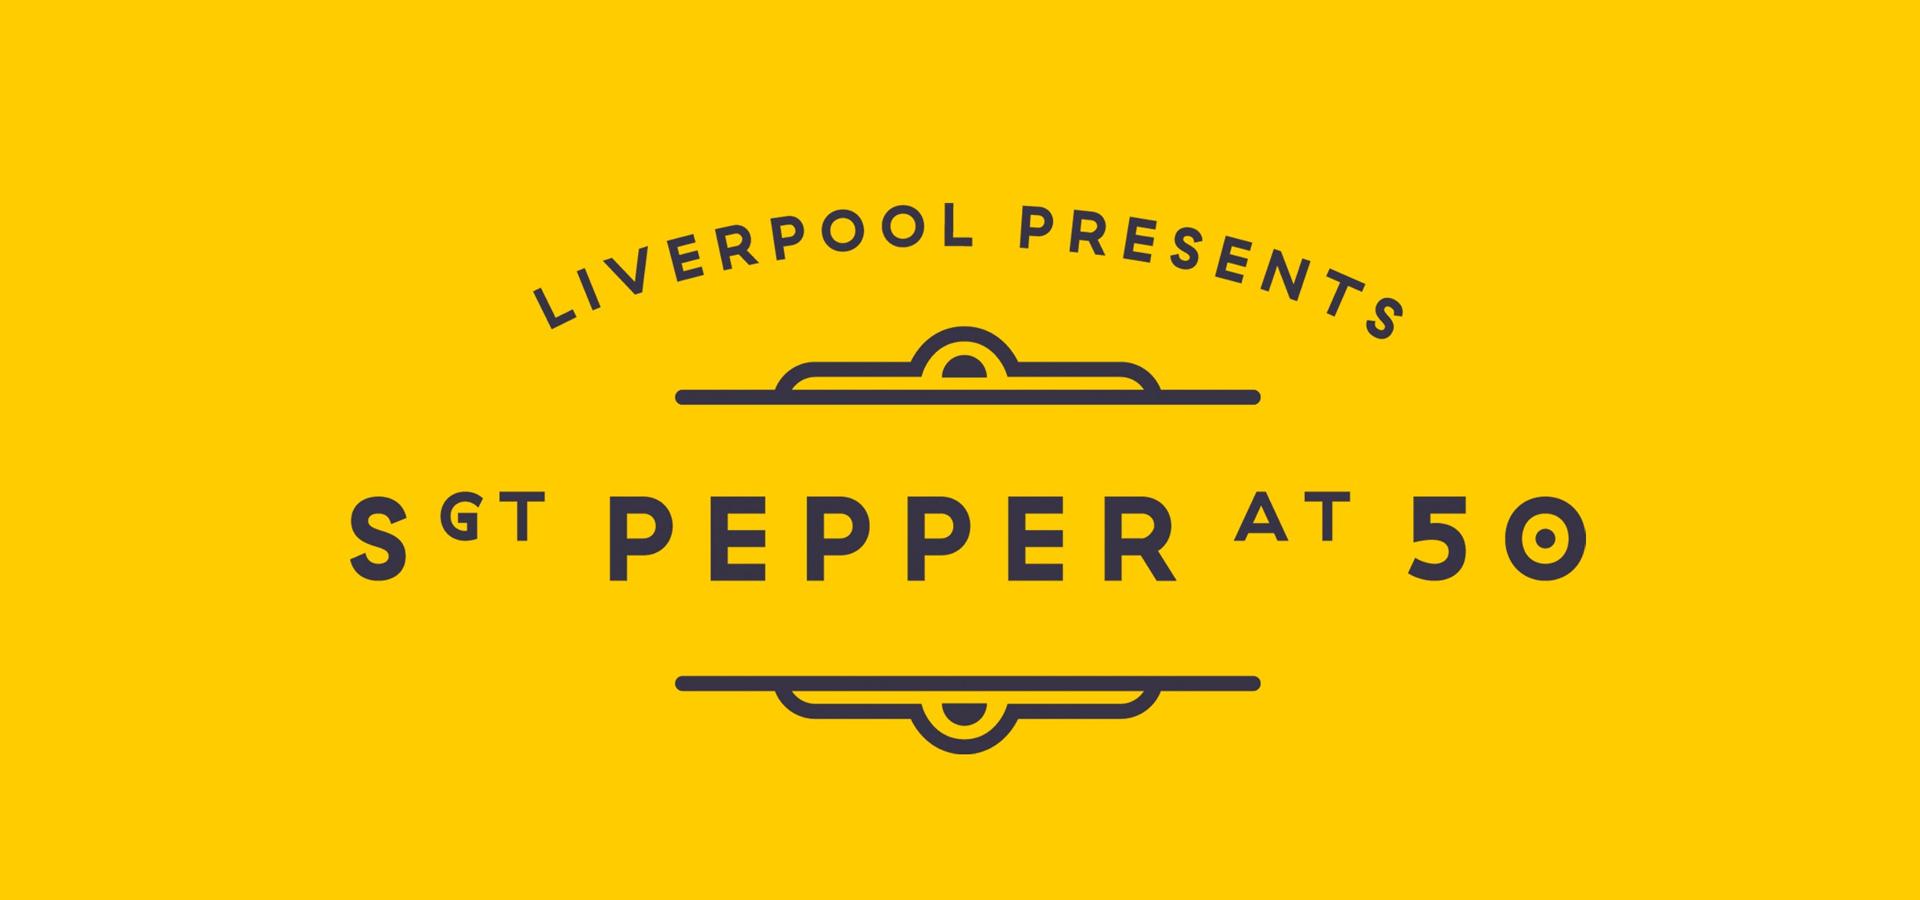 Sgt Pepper at 50: Liverpool arts festival